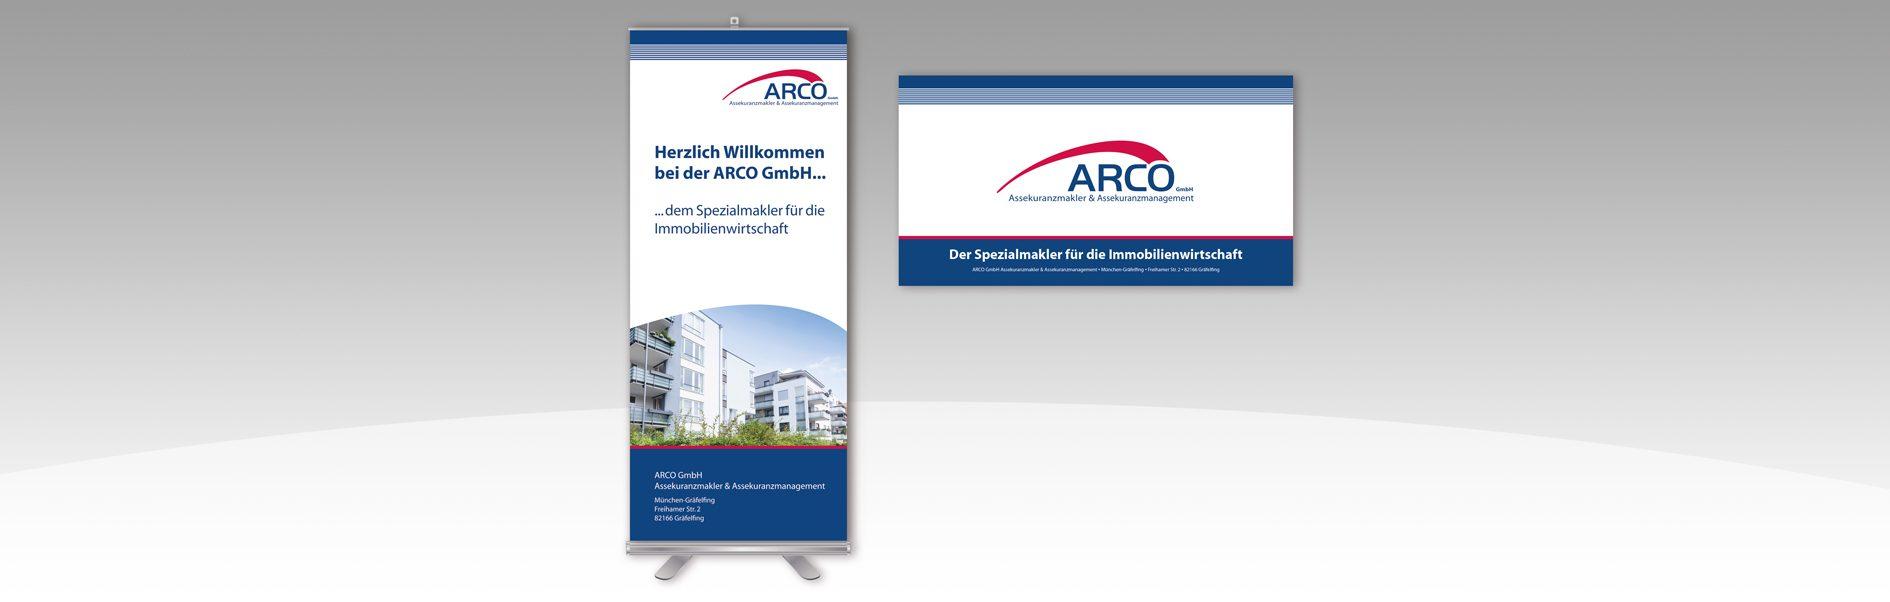 Hier ist das ARCO Rollup un der Banner abgebildet.